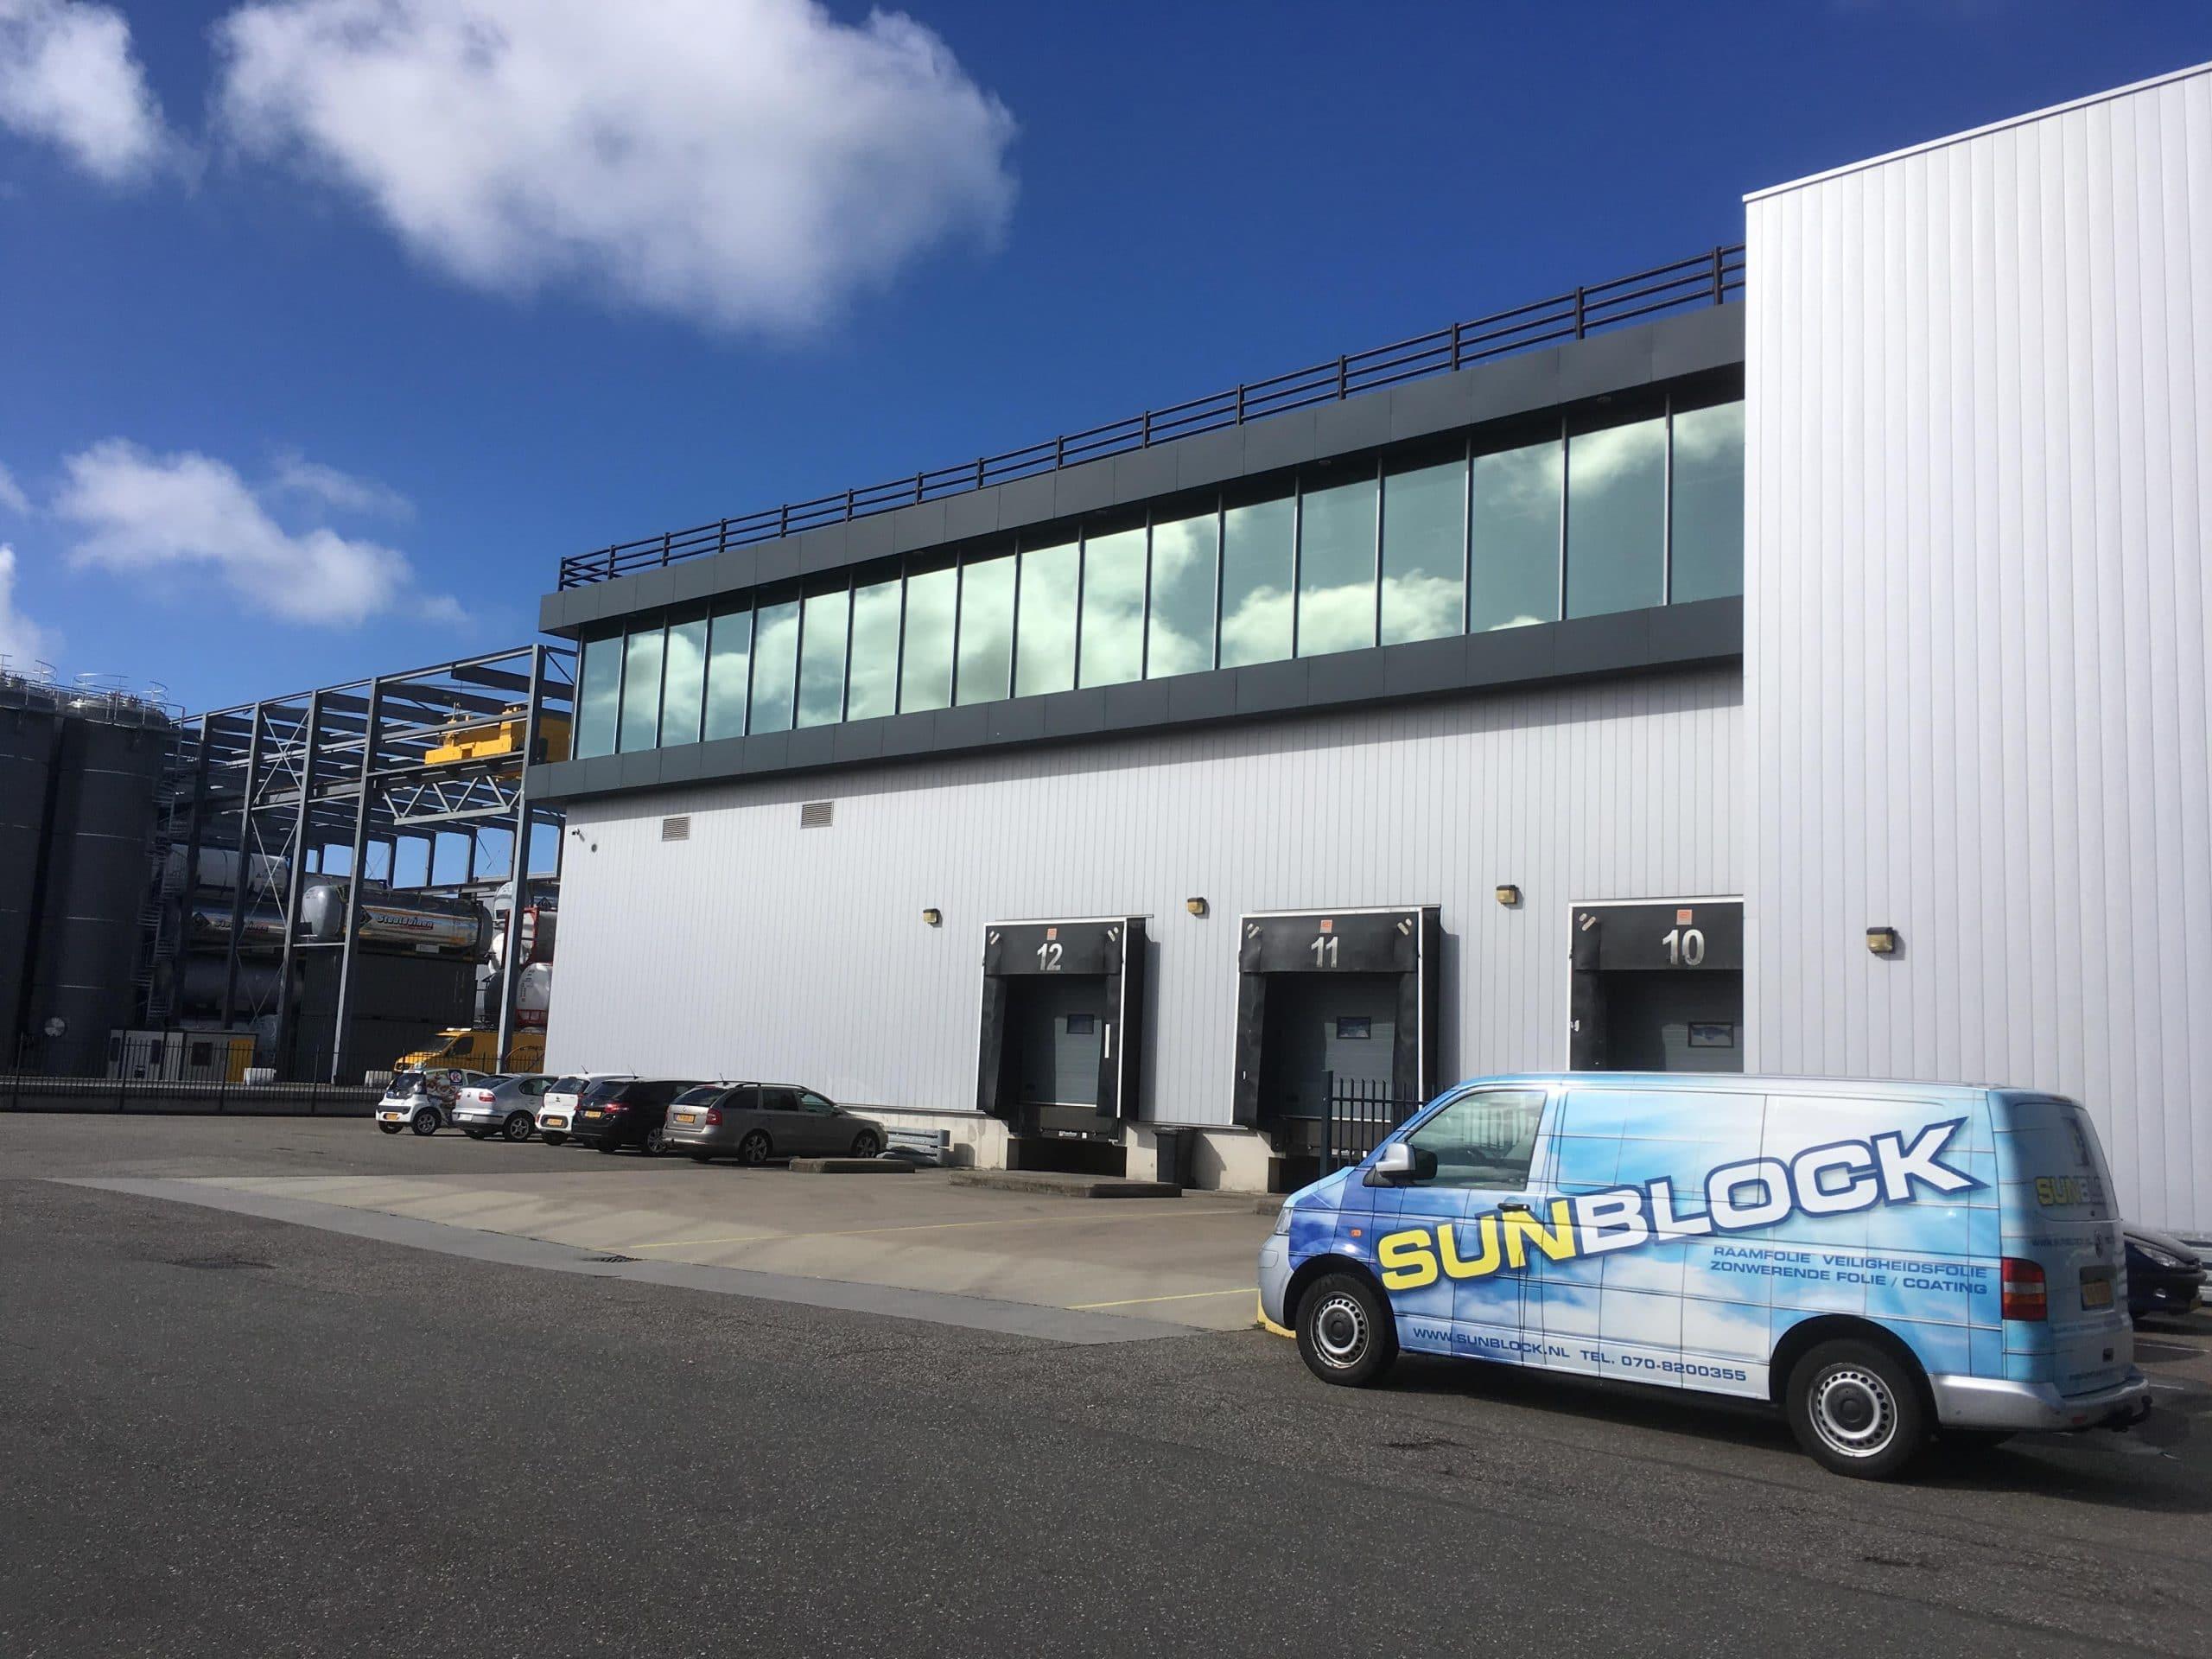 Sunblock Truevue 5 werd gemonteerd teneinde de hinderlijke lichtinval tot een minimum te beperken